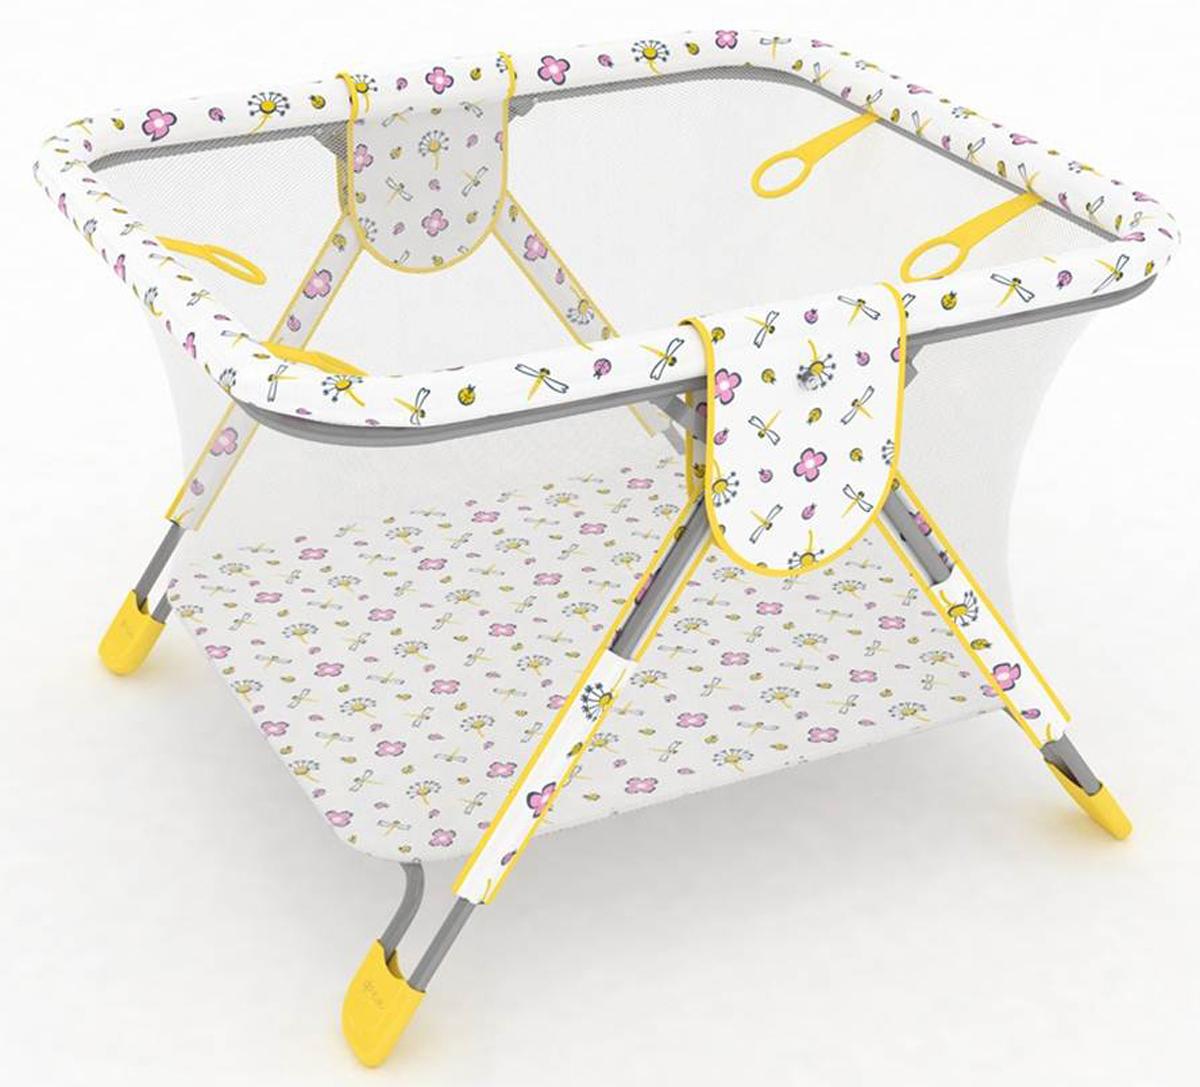 Детский манеж Polini «Книжка» - качественный продукт для детей от 6 месяцев до 3 лет, в котором совмещены удобство и безопасность для новорожденного, а также функциональность мебели для детской комнаты. Манеж способствует правильному физическому развитию ребенка, имеет 4 пластиковые ручки-кольца и прозрачные бортики из сетки. Имеющая международные сертификаты качества пленка ПВХ особой прочности, не содержащая вредных для здоровья ребенка фталатов и тяжелых металлов, гарантирует безопасность малыша, а мягкие материалы подарят дополнительный комфорт. Изделие компактно складывается, облегчая хранение, и легко моется. Пластиковые накладки на ножках манежа придают дополнительную устойчивость.